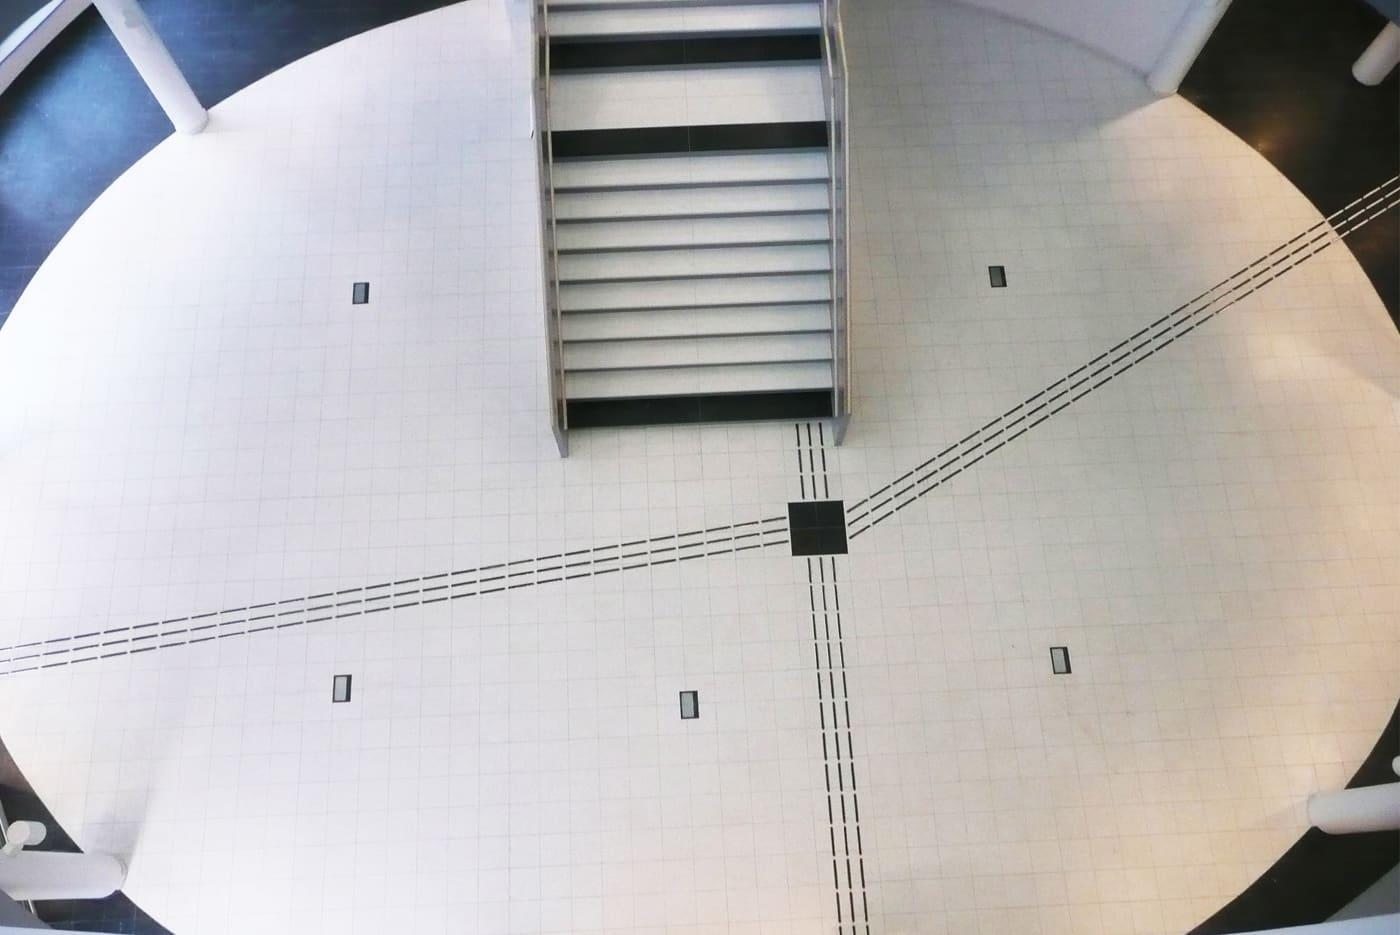 Bild från CNG i Finspång, fotad högt ovanifrån, visar ledstråk av rostfria element med Polypropylen. På det vita kakelgolvet är element med svarta inlägg och på det mörka golvet övergår elementen till vita inlägg.